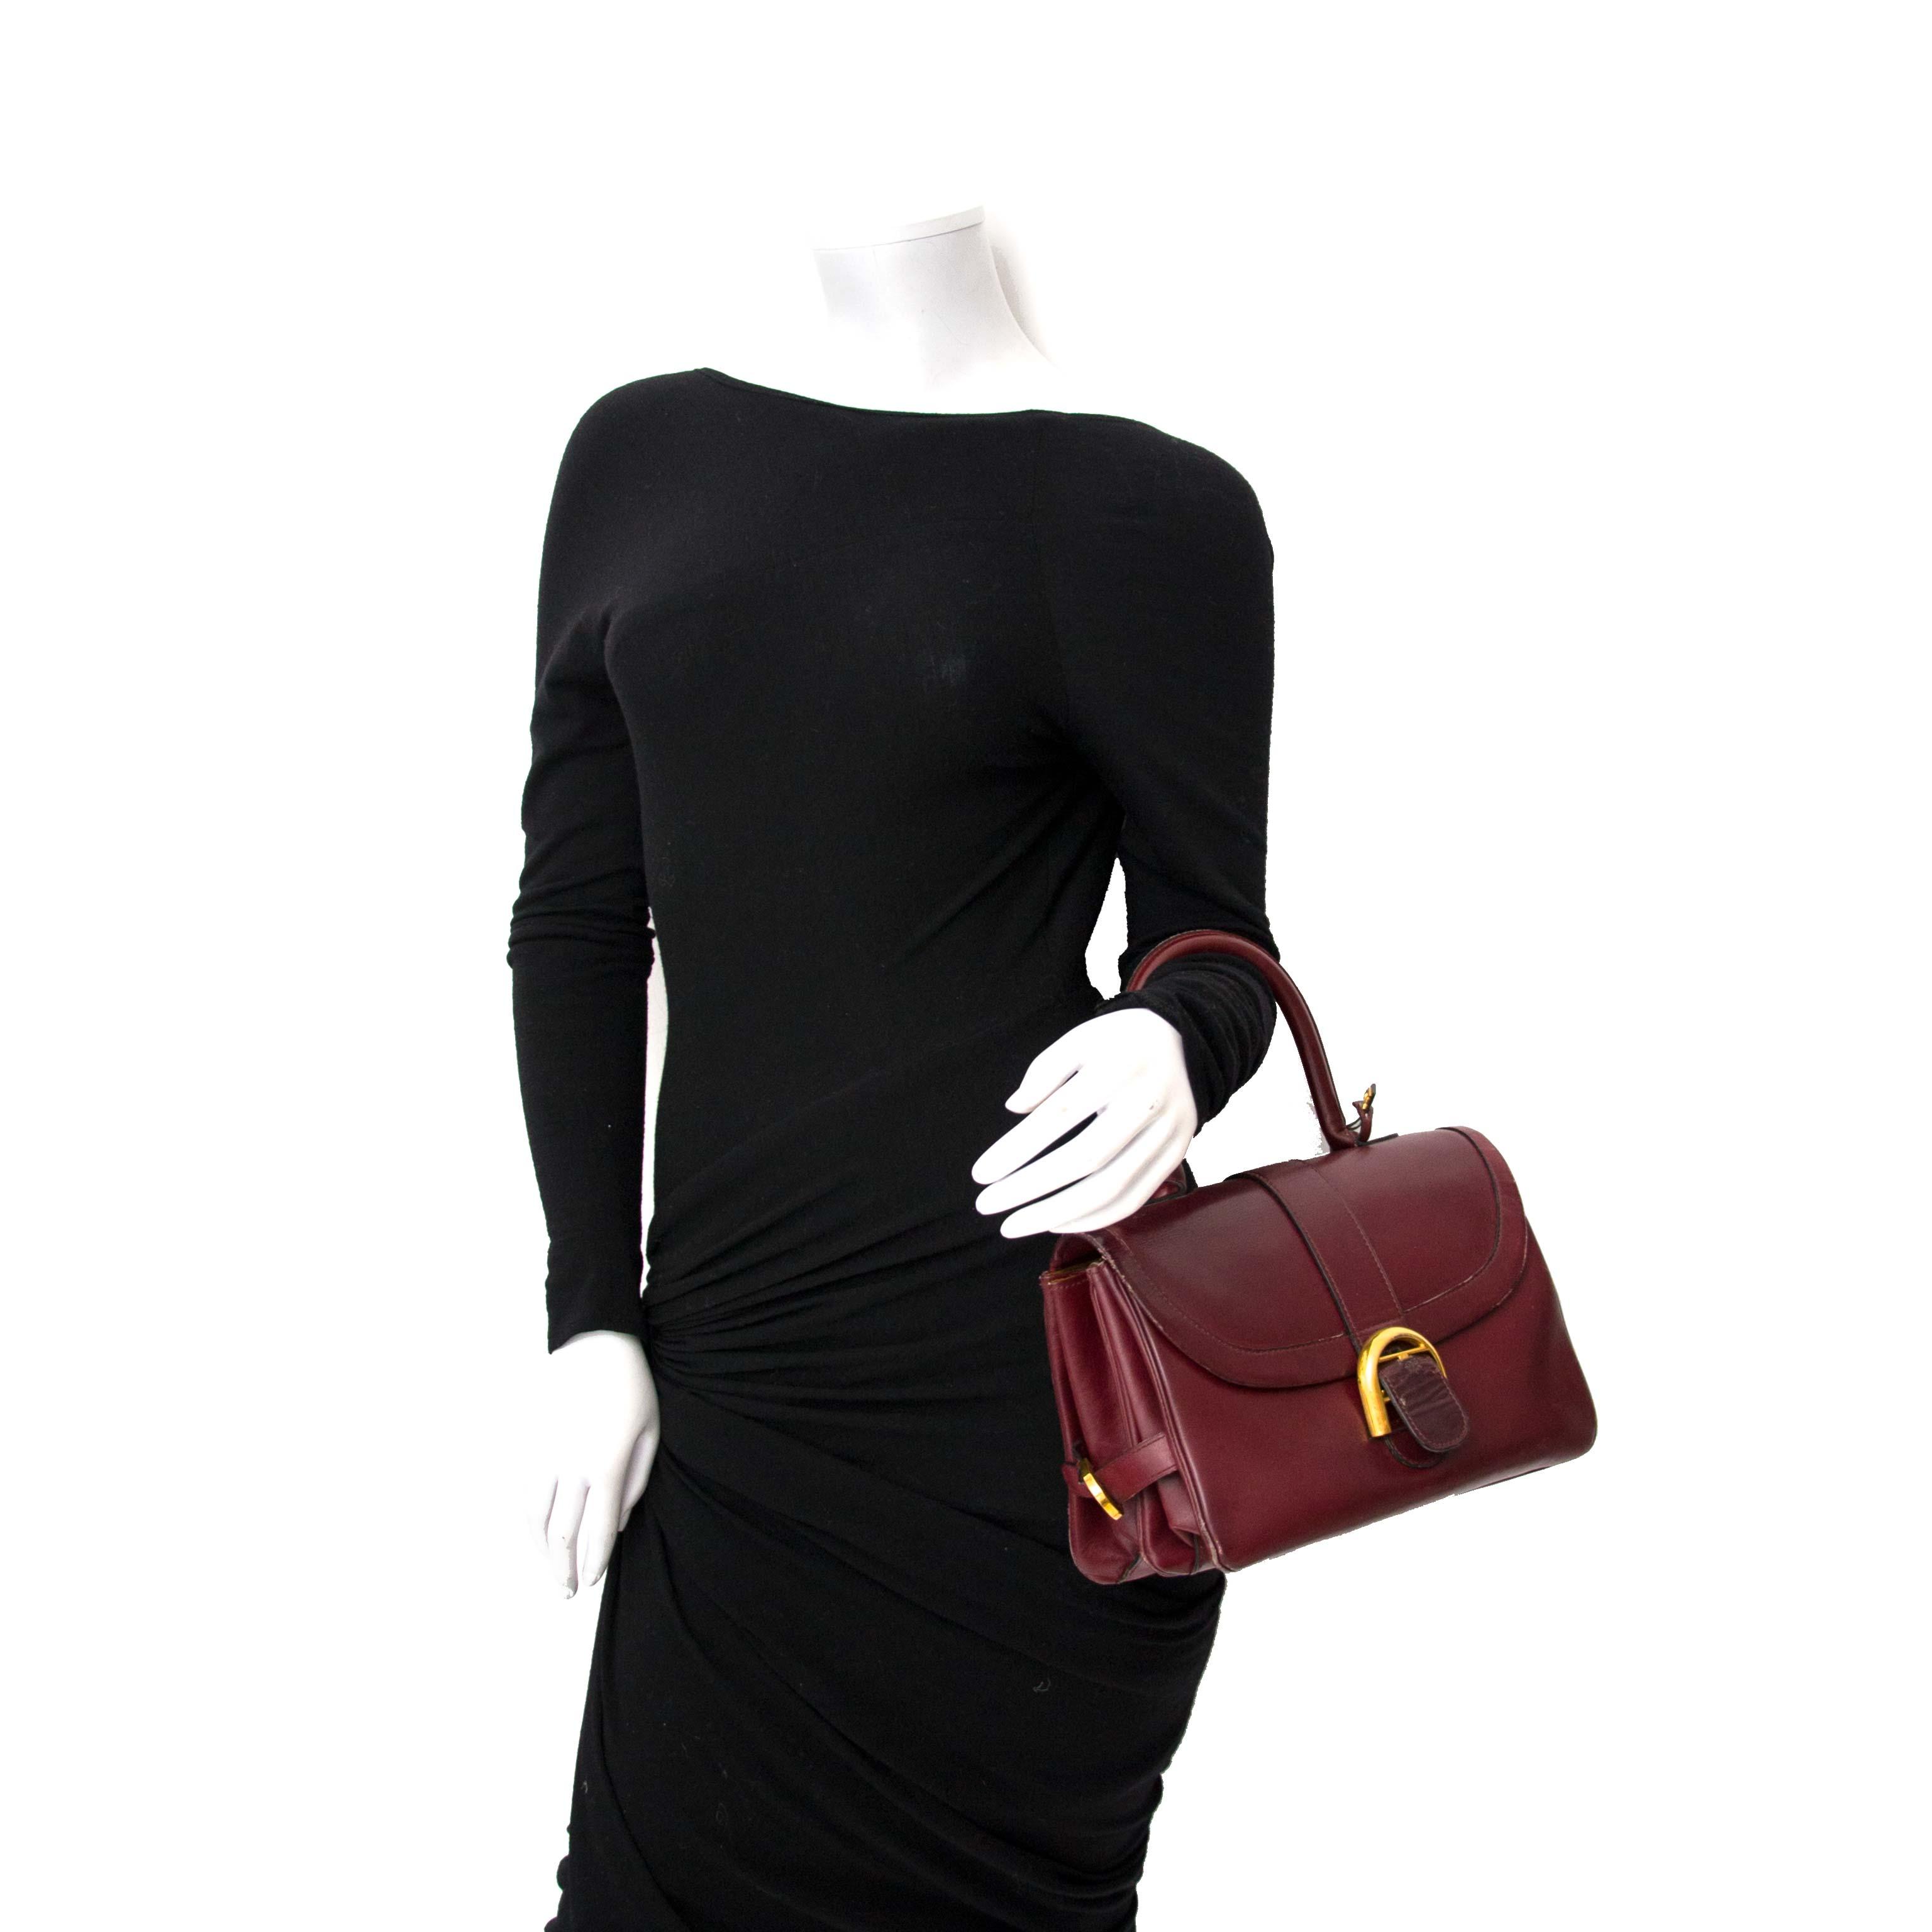 koop uw delvaux brillant roully nu online bij labellov.com tegen de beste prijs